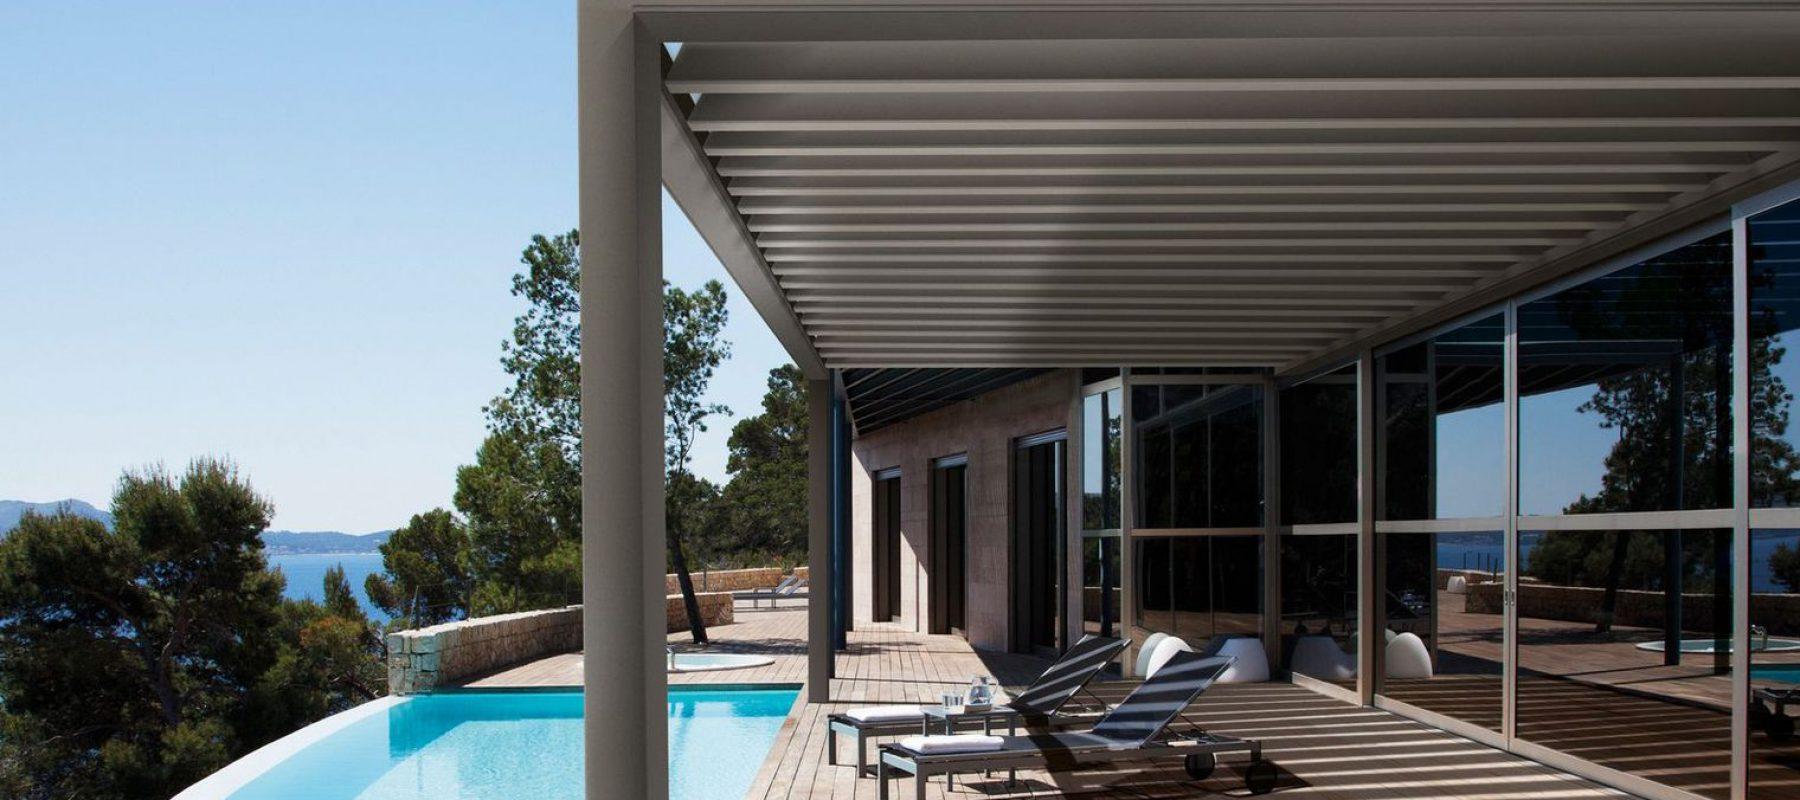 Couvrir Une Terrasse Permis De Construire quelle pergola pour couvrir sa terrasse ?⋆ guide menuiserie